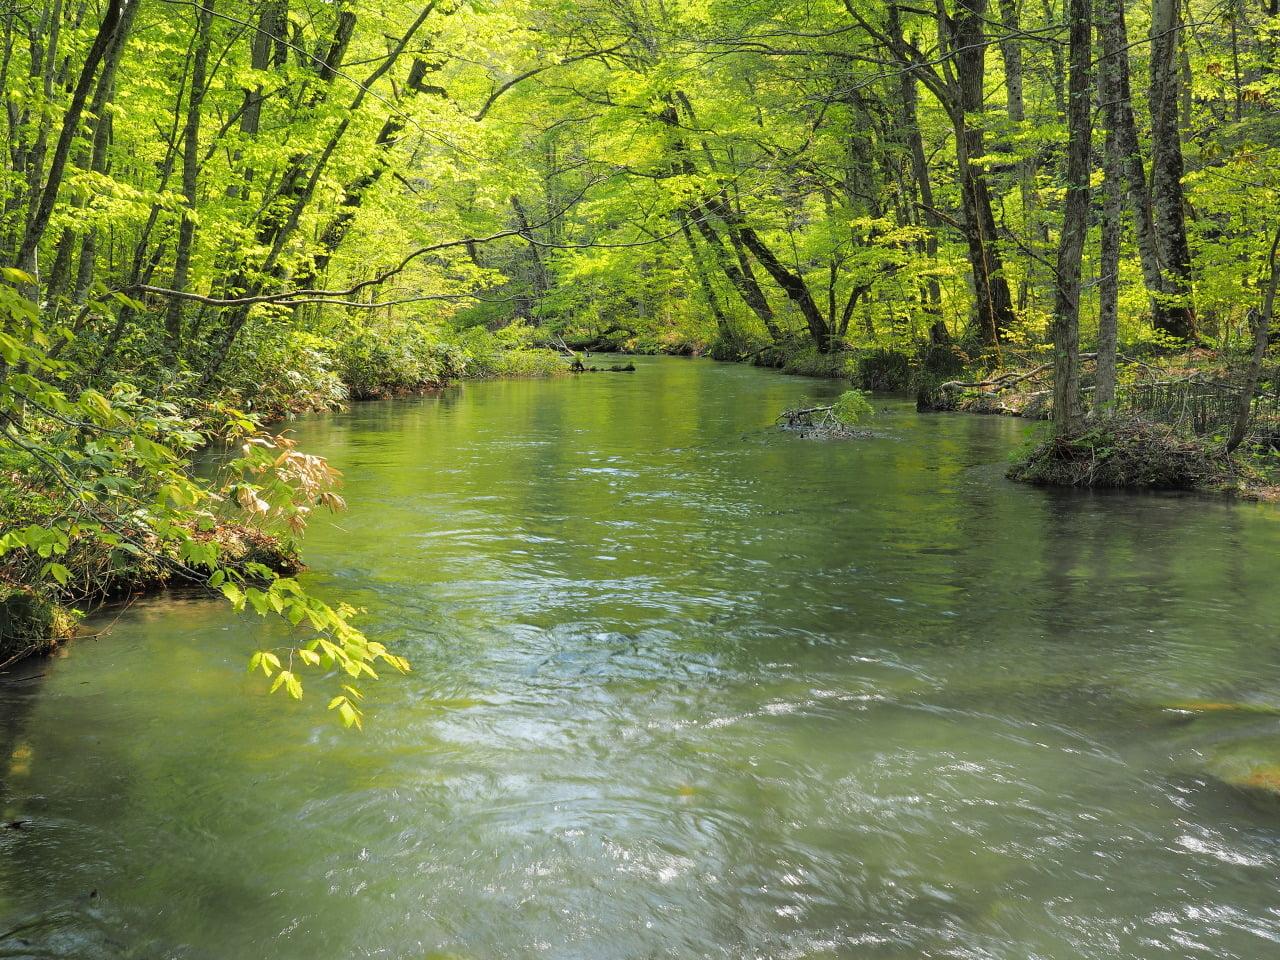 銀龍がいる奥入瀬渓流